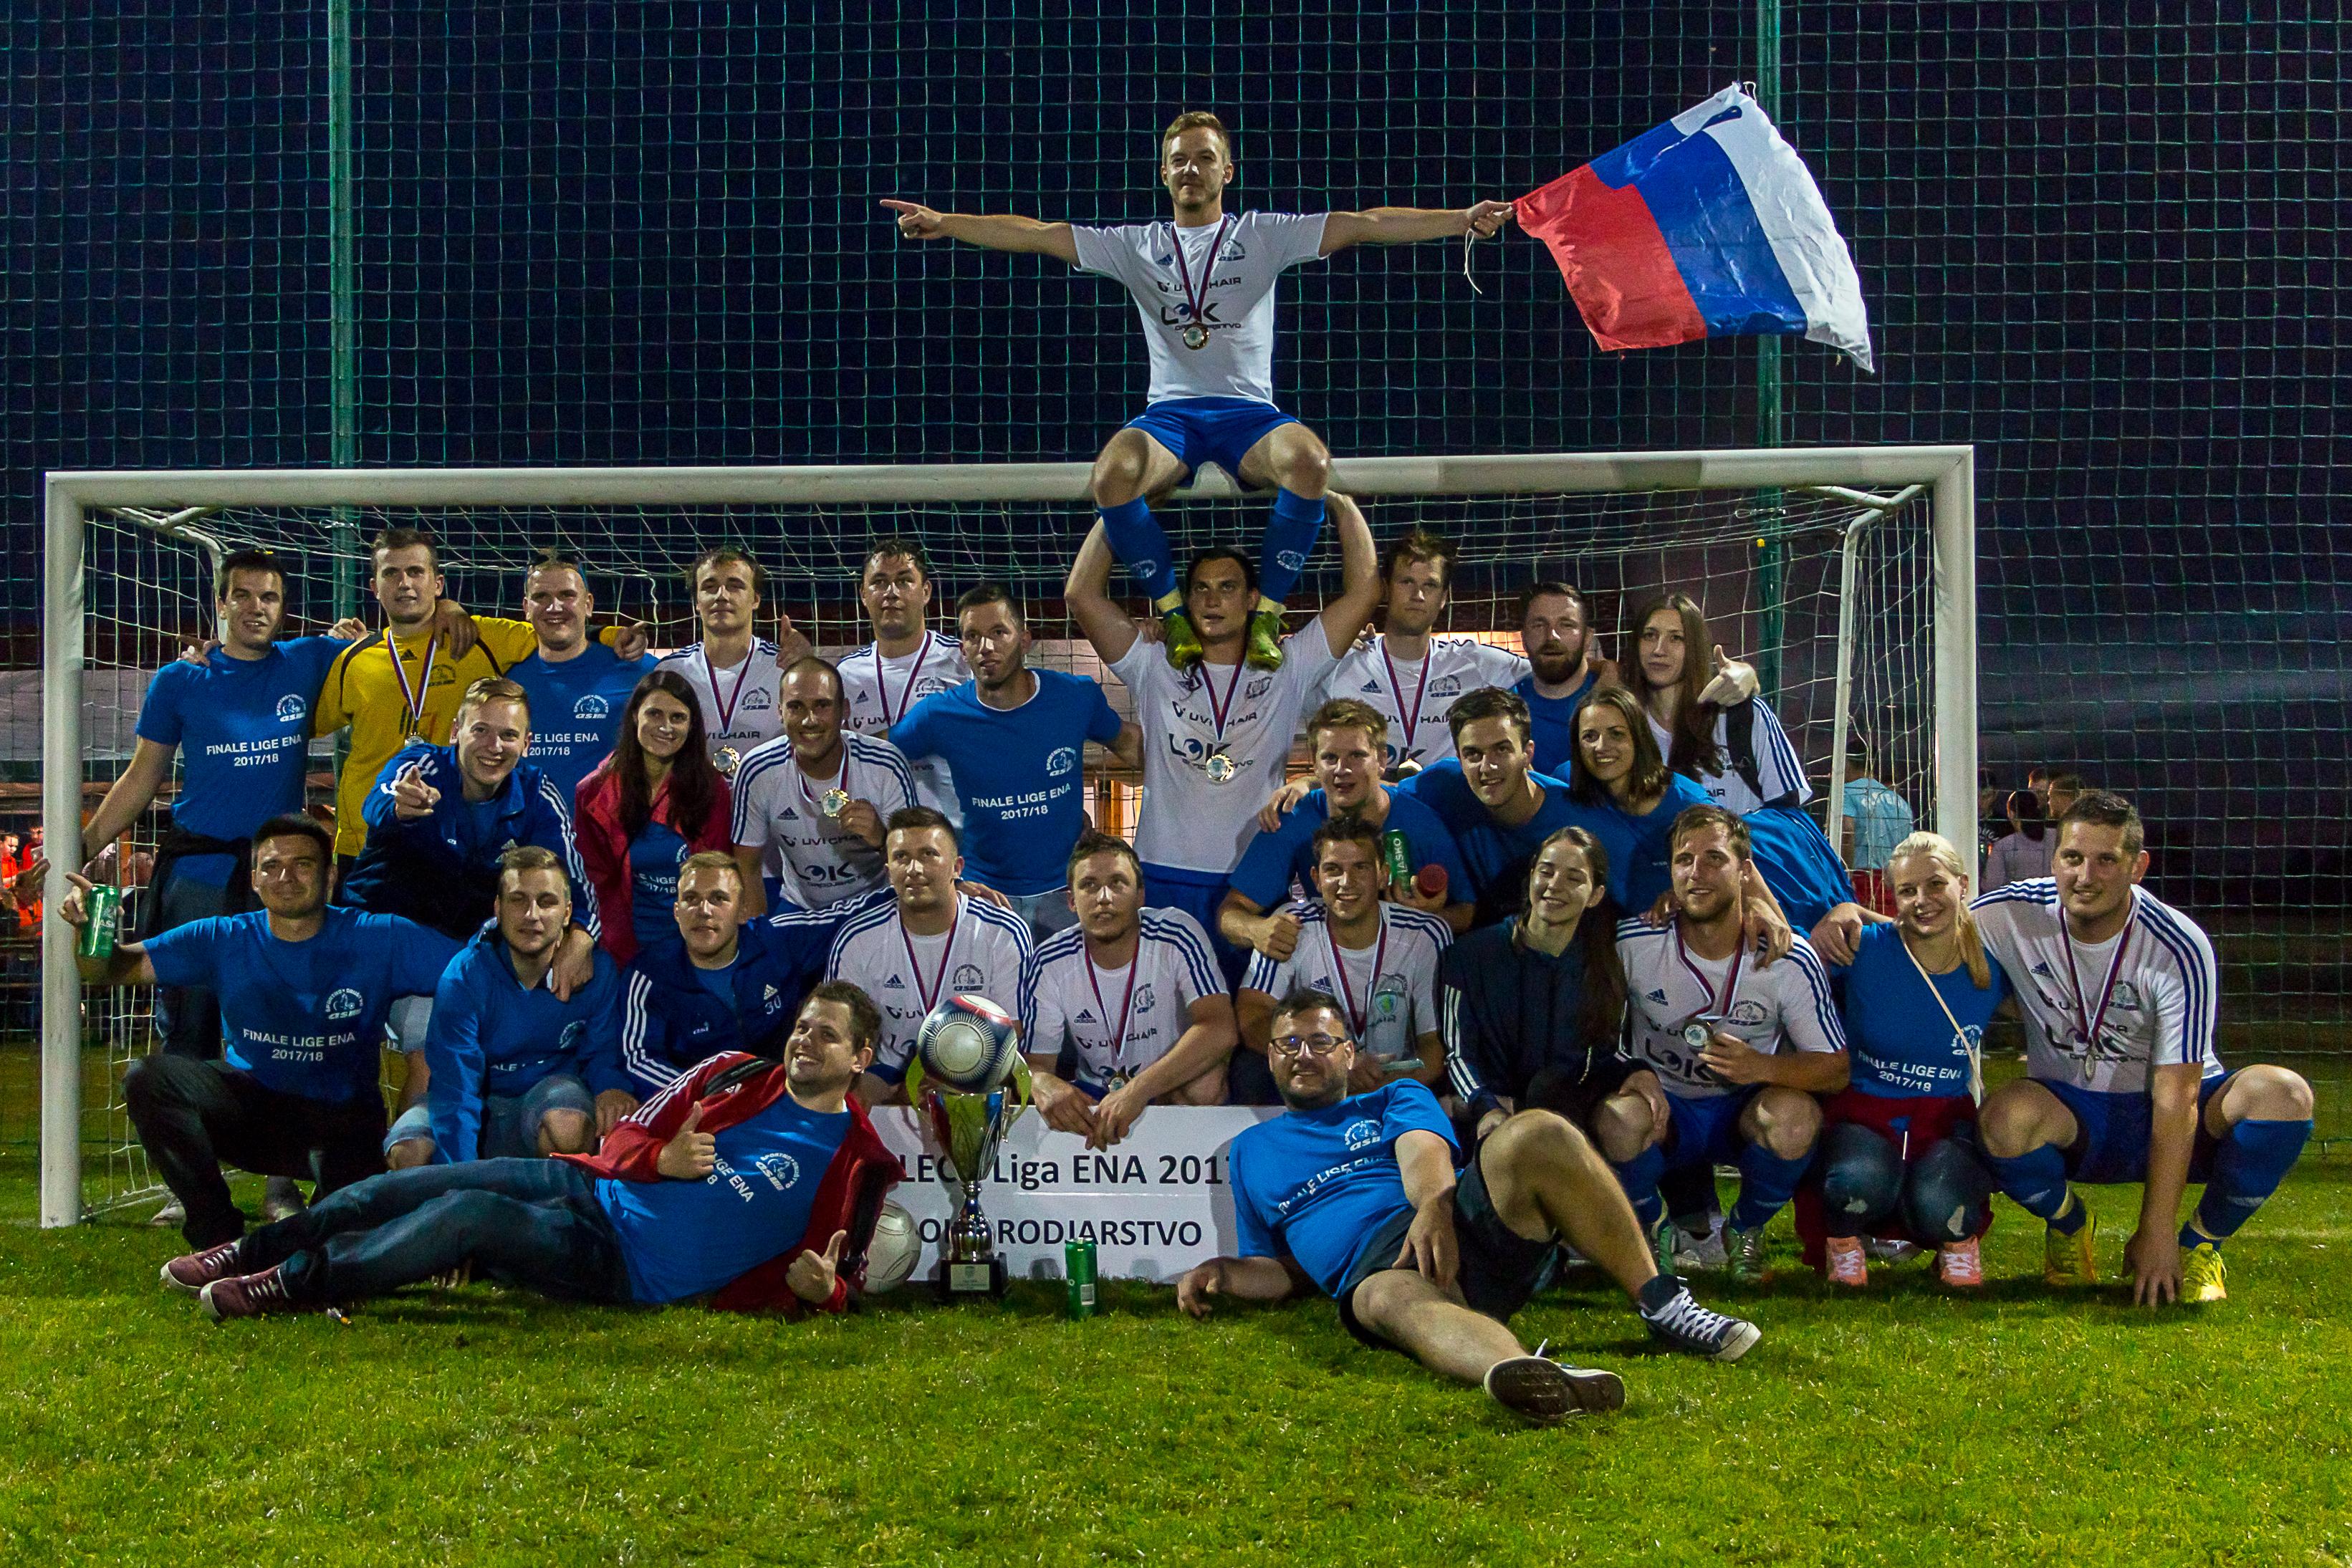 ŠD Asi Lok orodjarstvo osvojili naslov prvaka državne malonogometne lige na travi Lige ENA v sezoni 2018/2019-SMZ-foto Andrej Kalamar